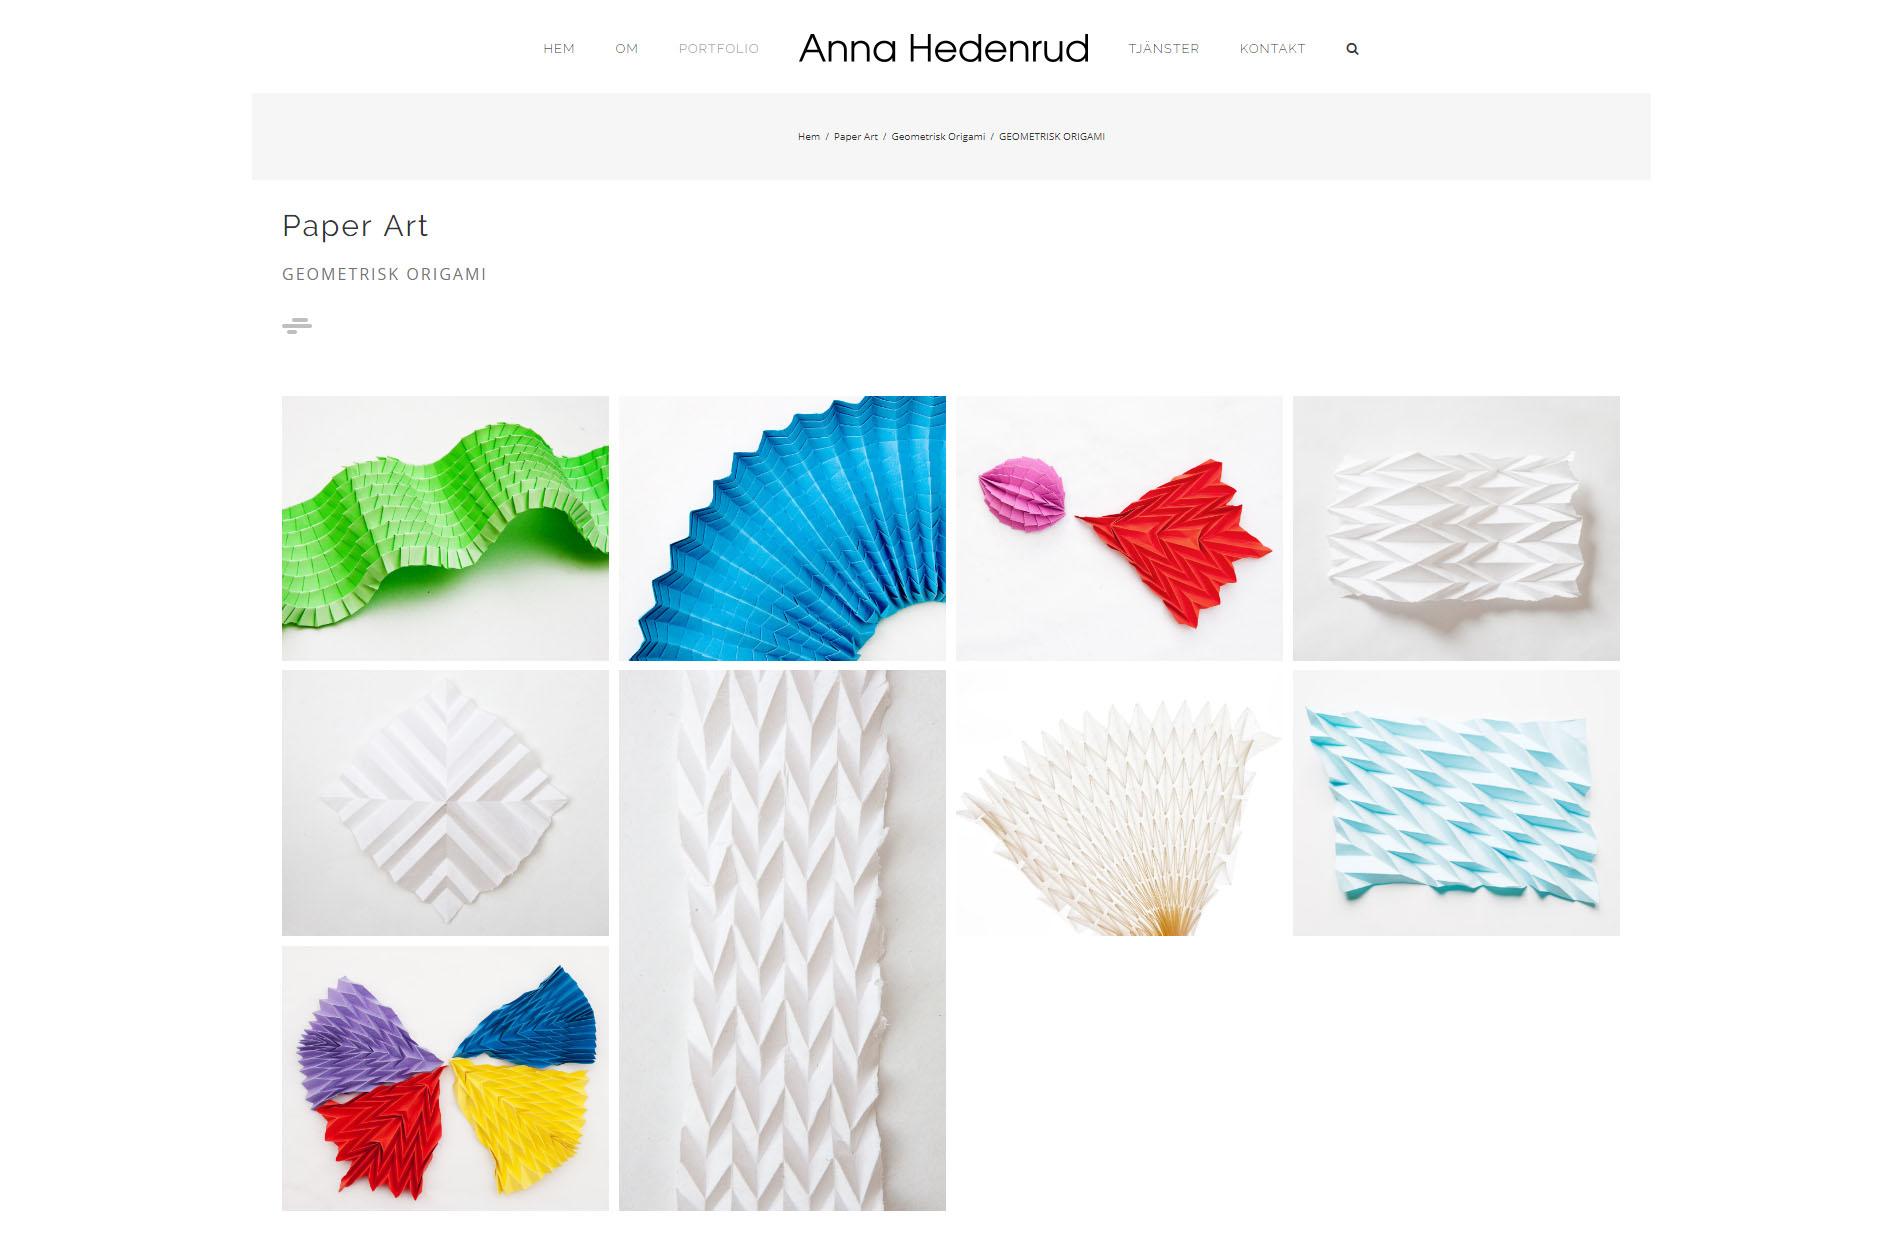 Web Design anweb Graphic designer